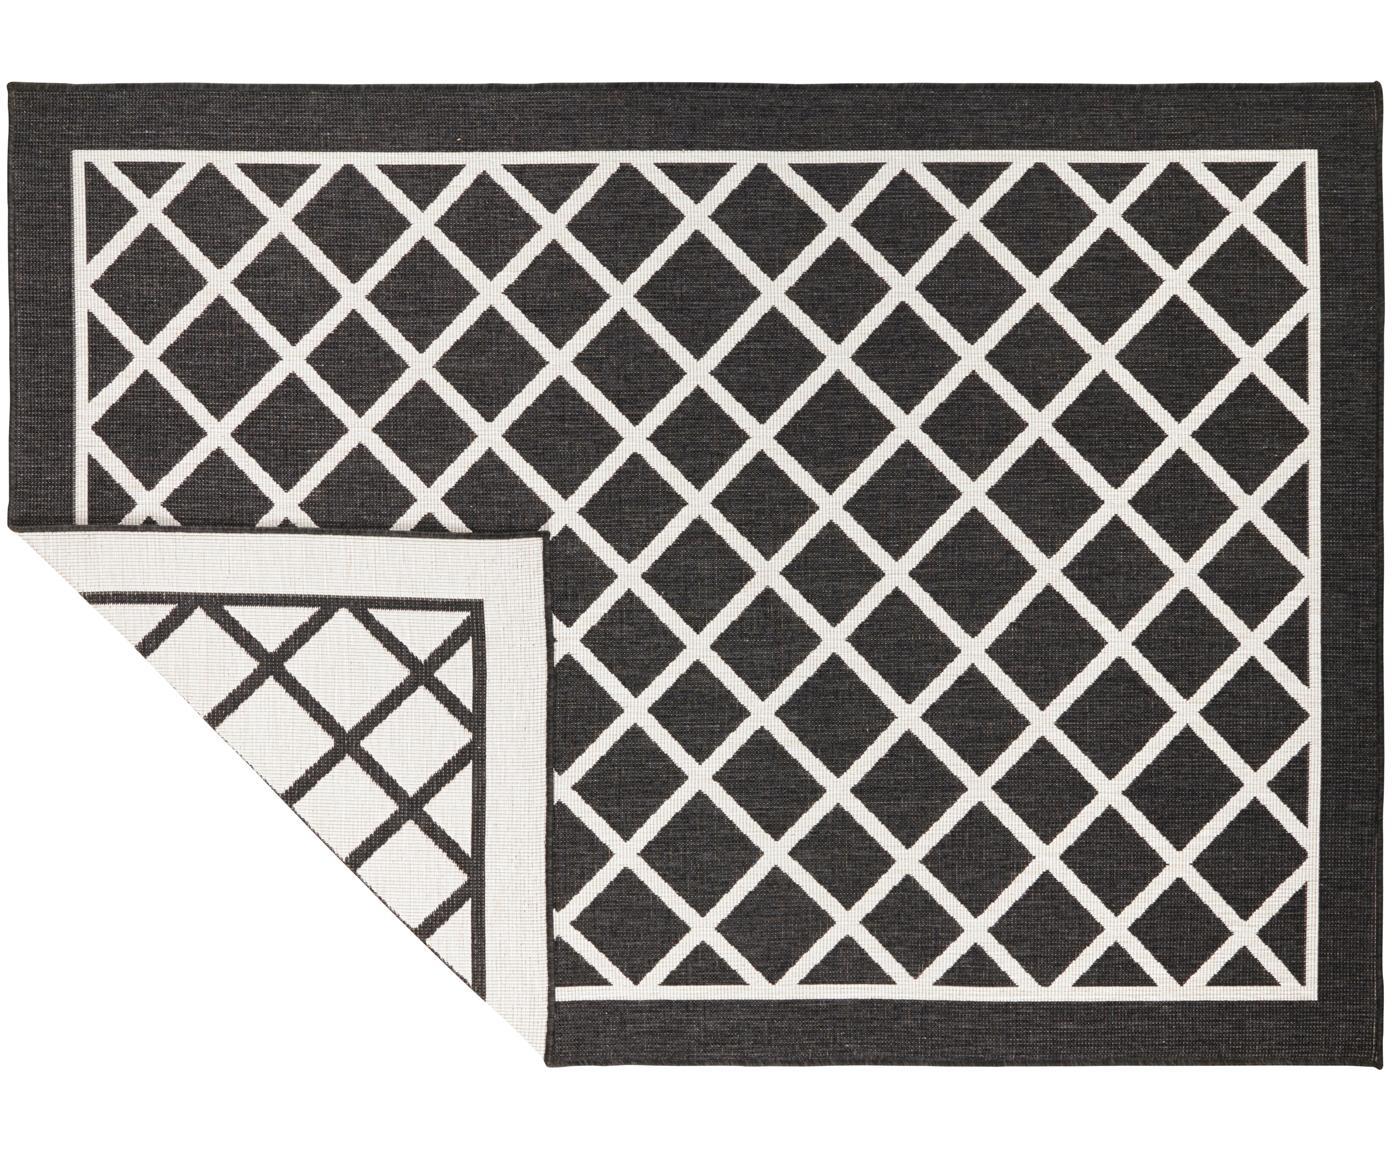 Alfombra reversible de interior/exterior Sydney, Negro, crema, An 120 x L 170 cm